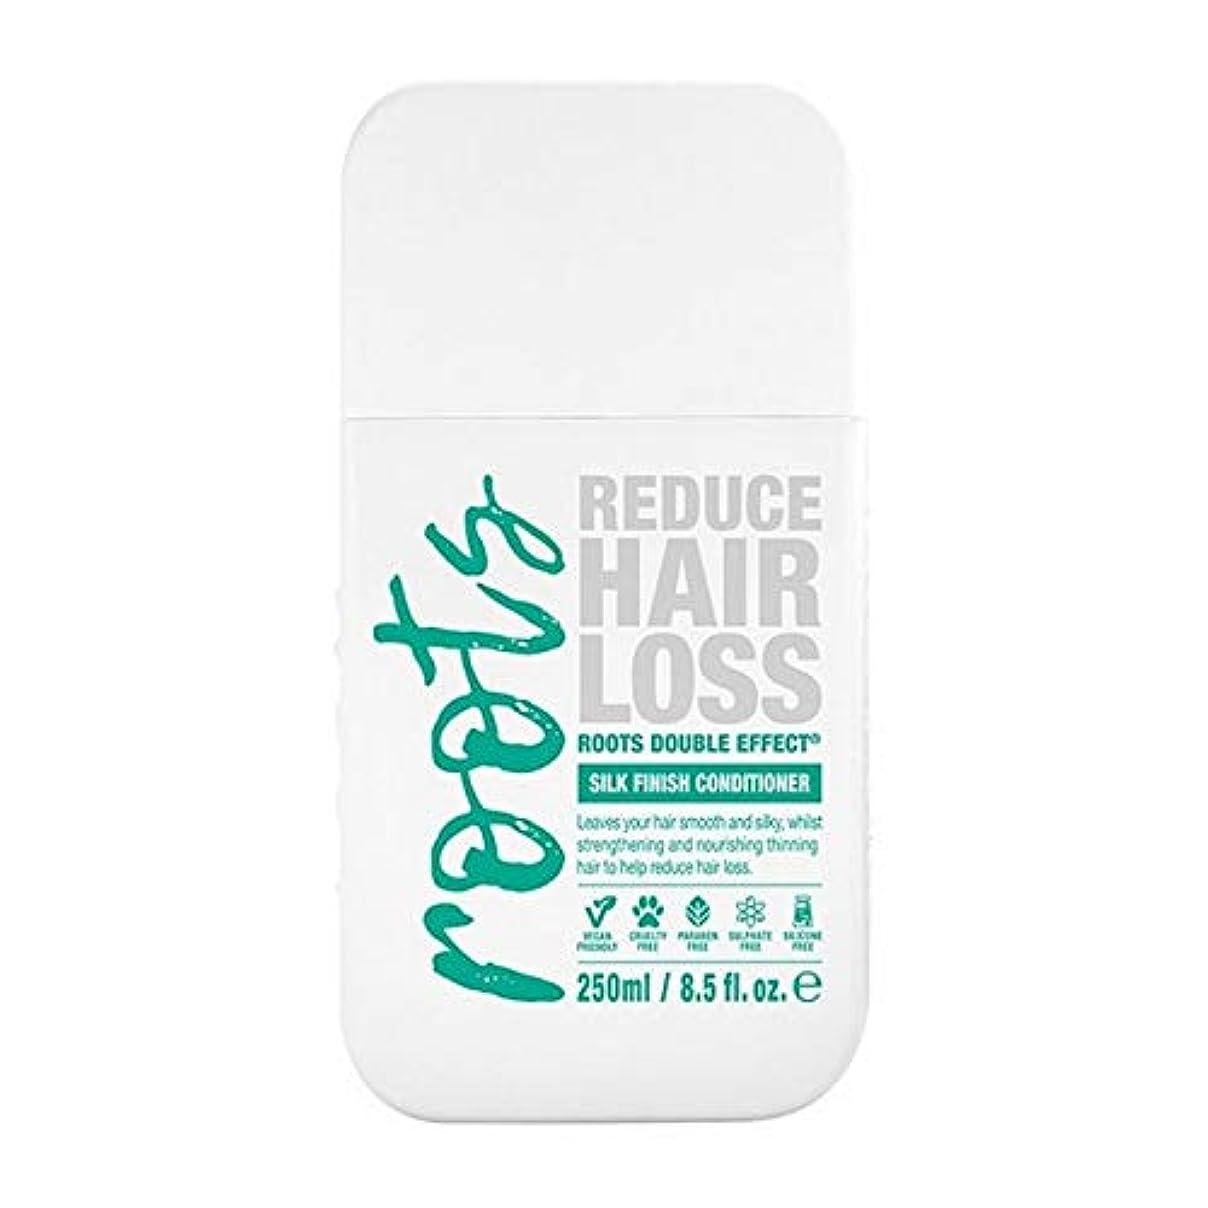 ぬるいゴシップオリエンテーション[Roots ] 根のダブル効果育毛シャンプー250Ml - Roots Double Effect Hair Growth Conditioner 250ml [並行輸入品]